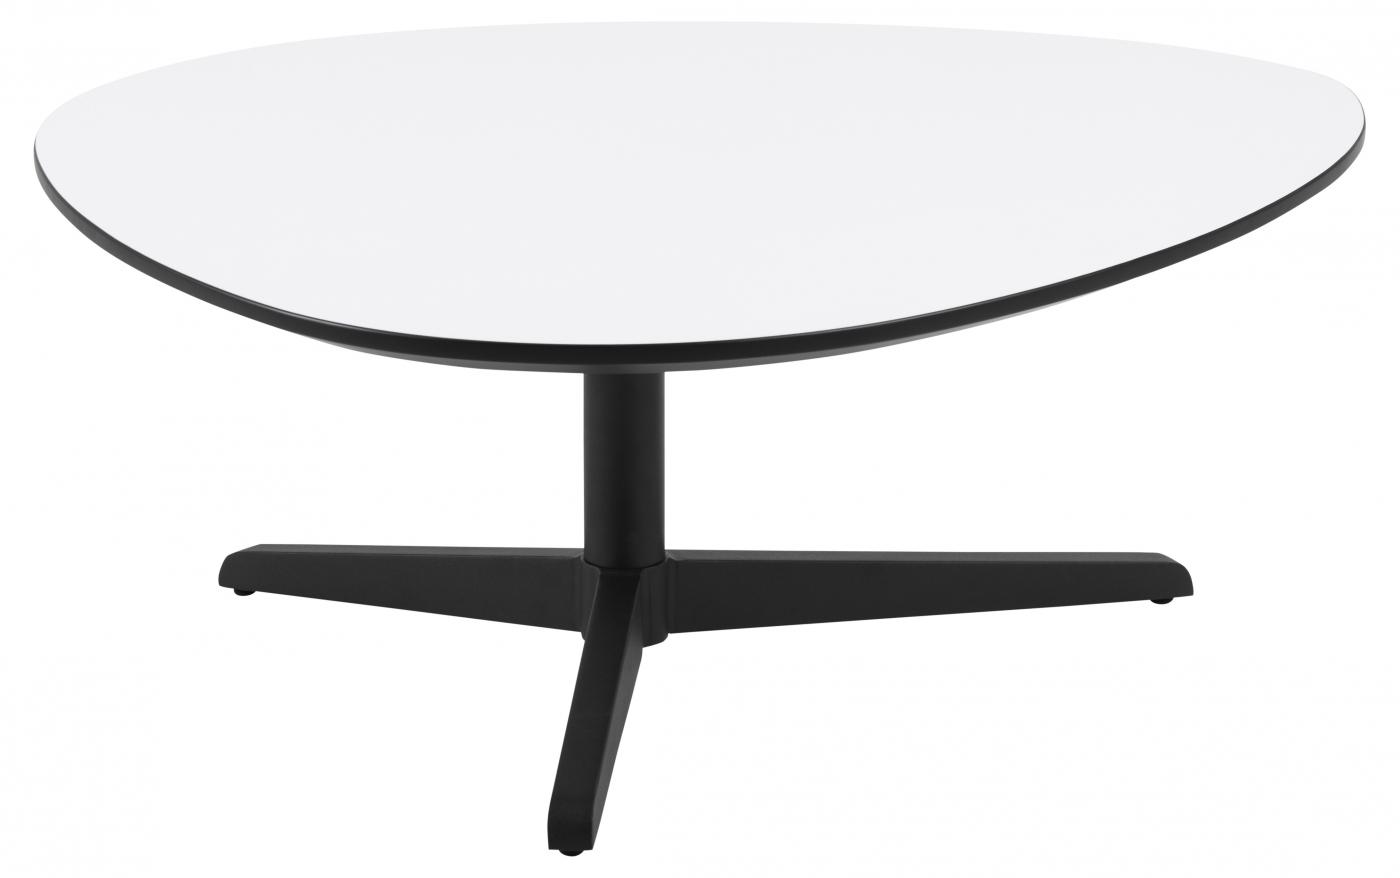 Konferenční stolek Baddy, 84 cm, bílá / černá